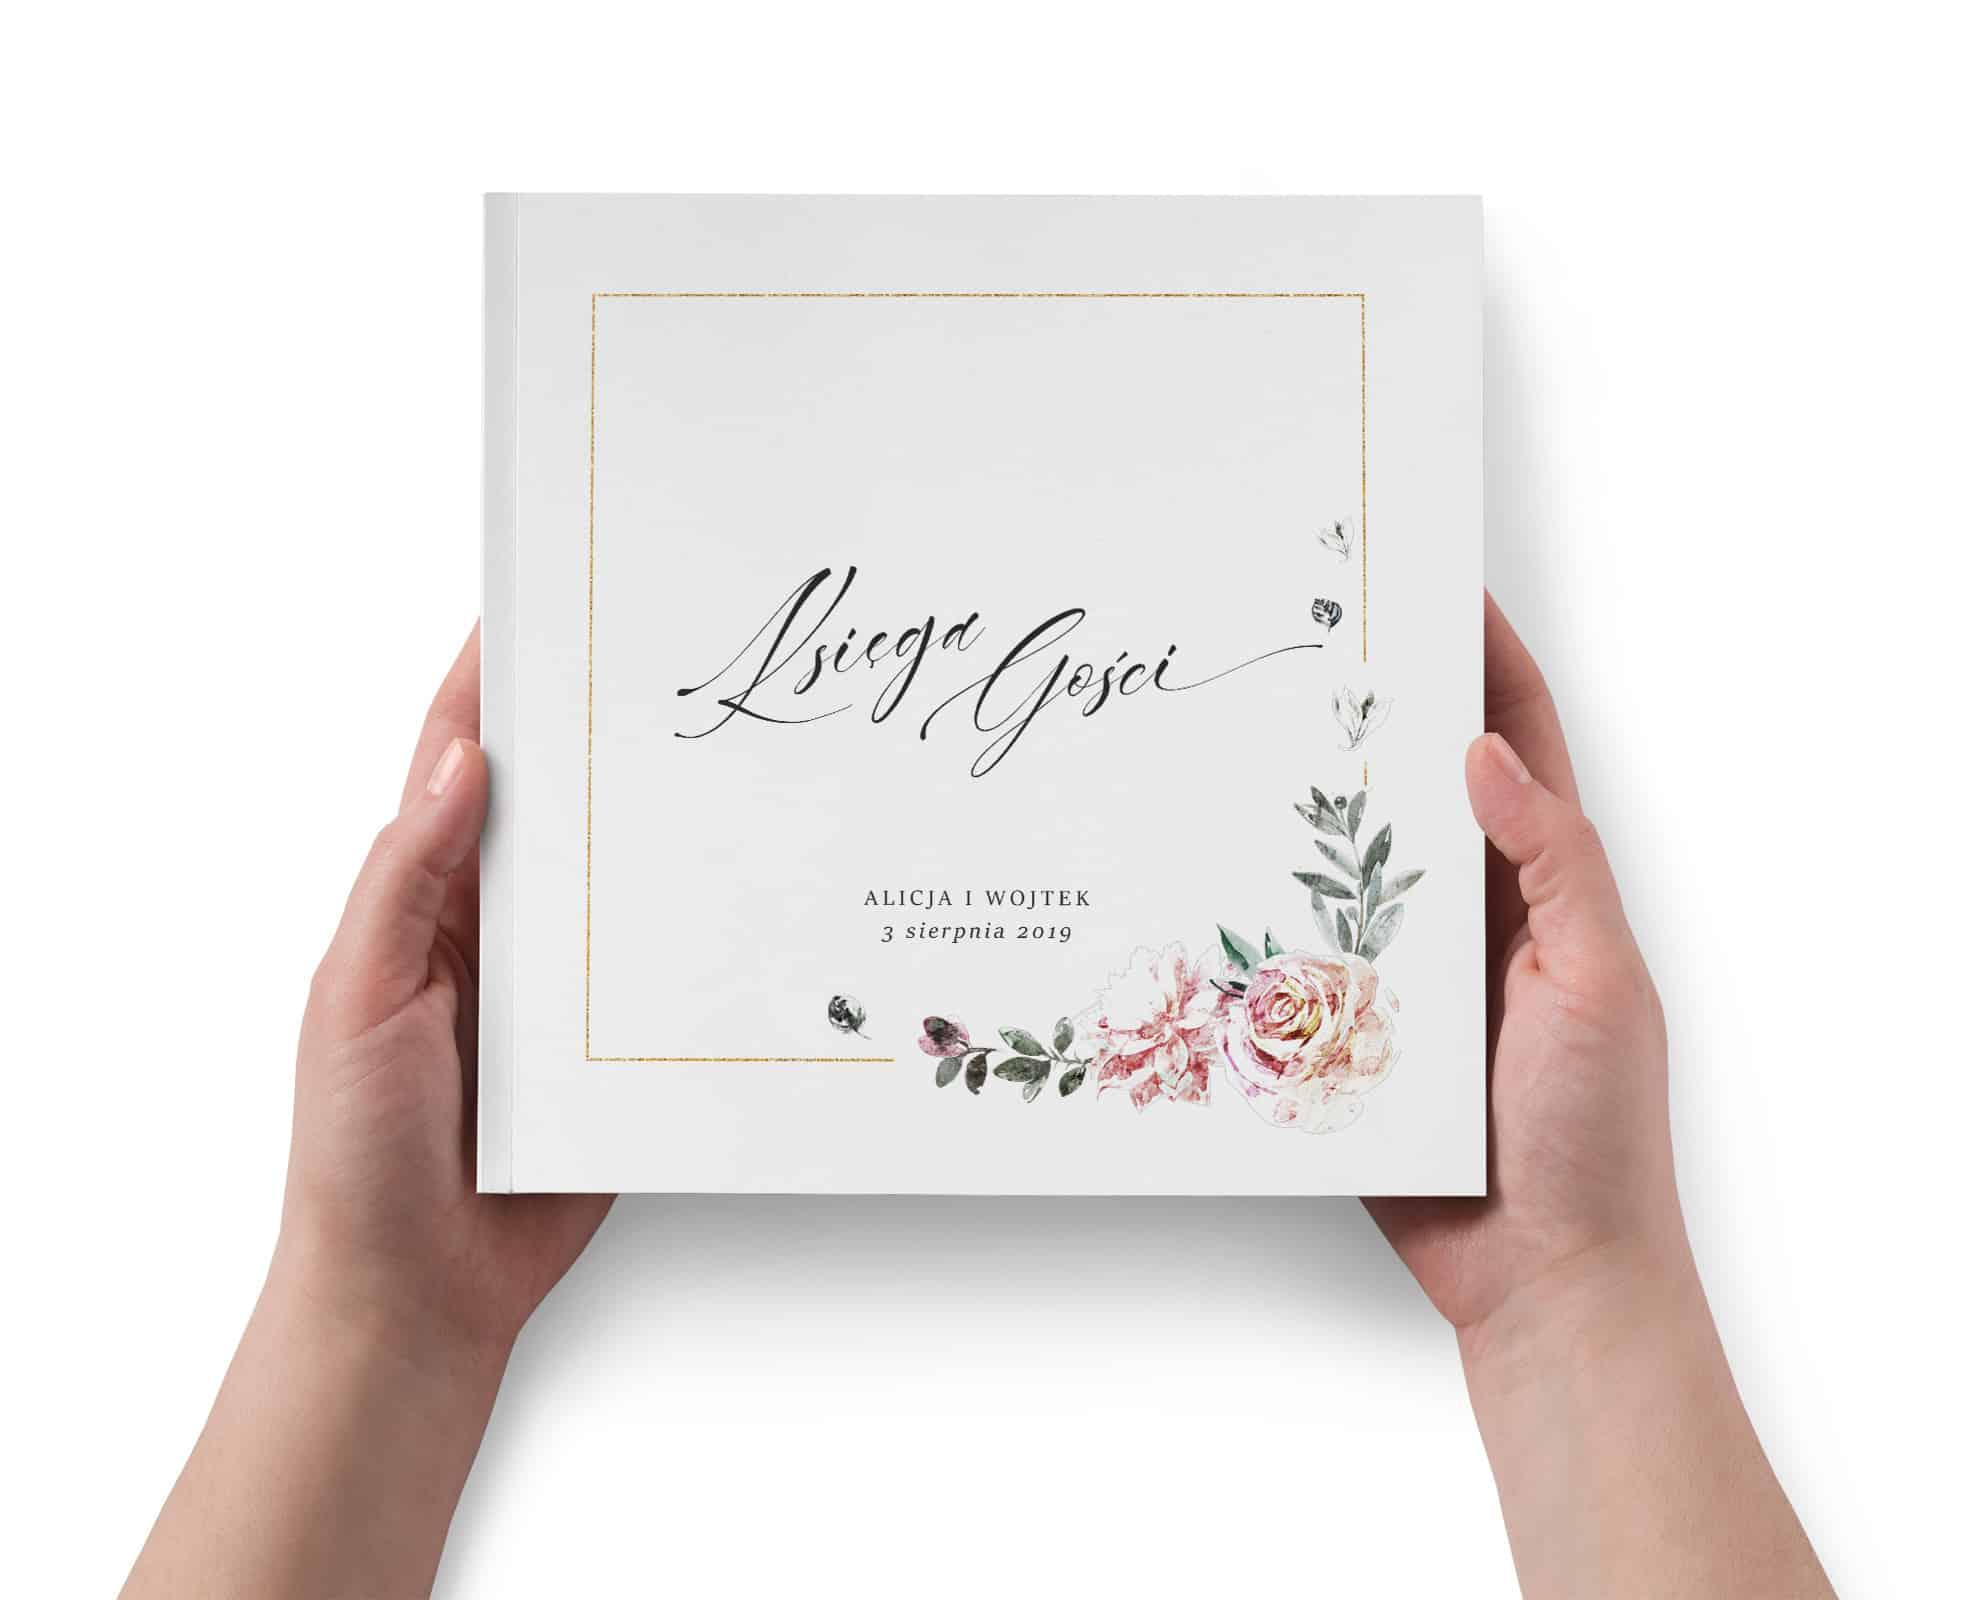 Księga gości weselna z pięknymi kwiatami i złotą ramką